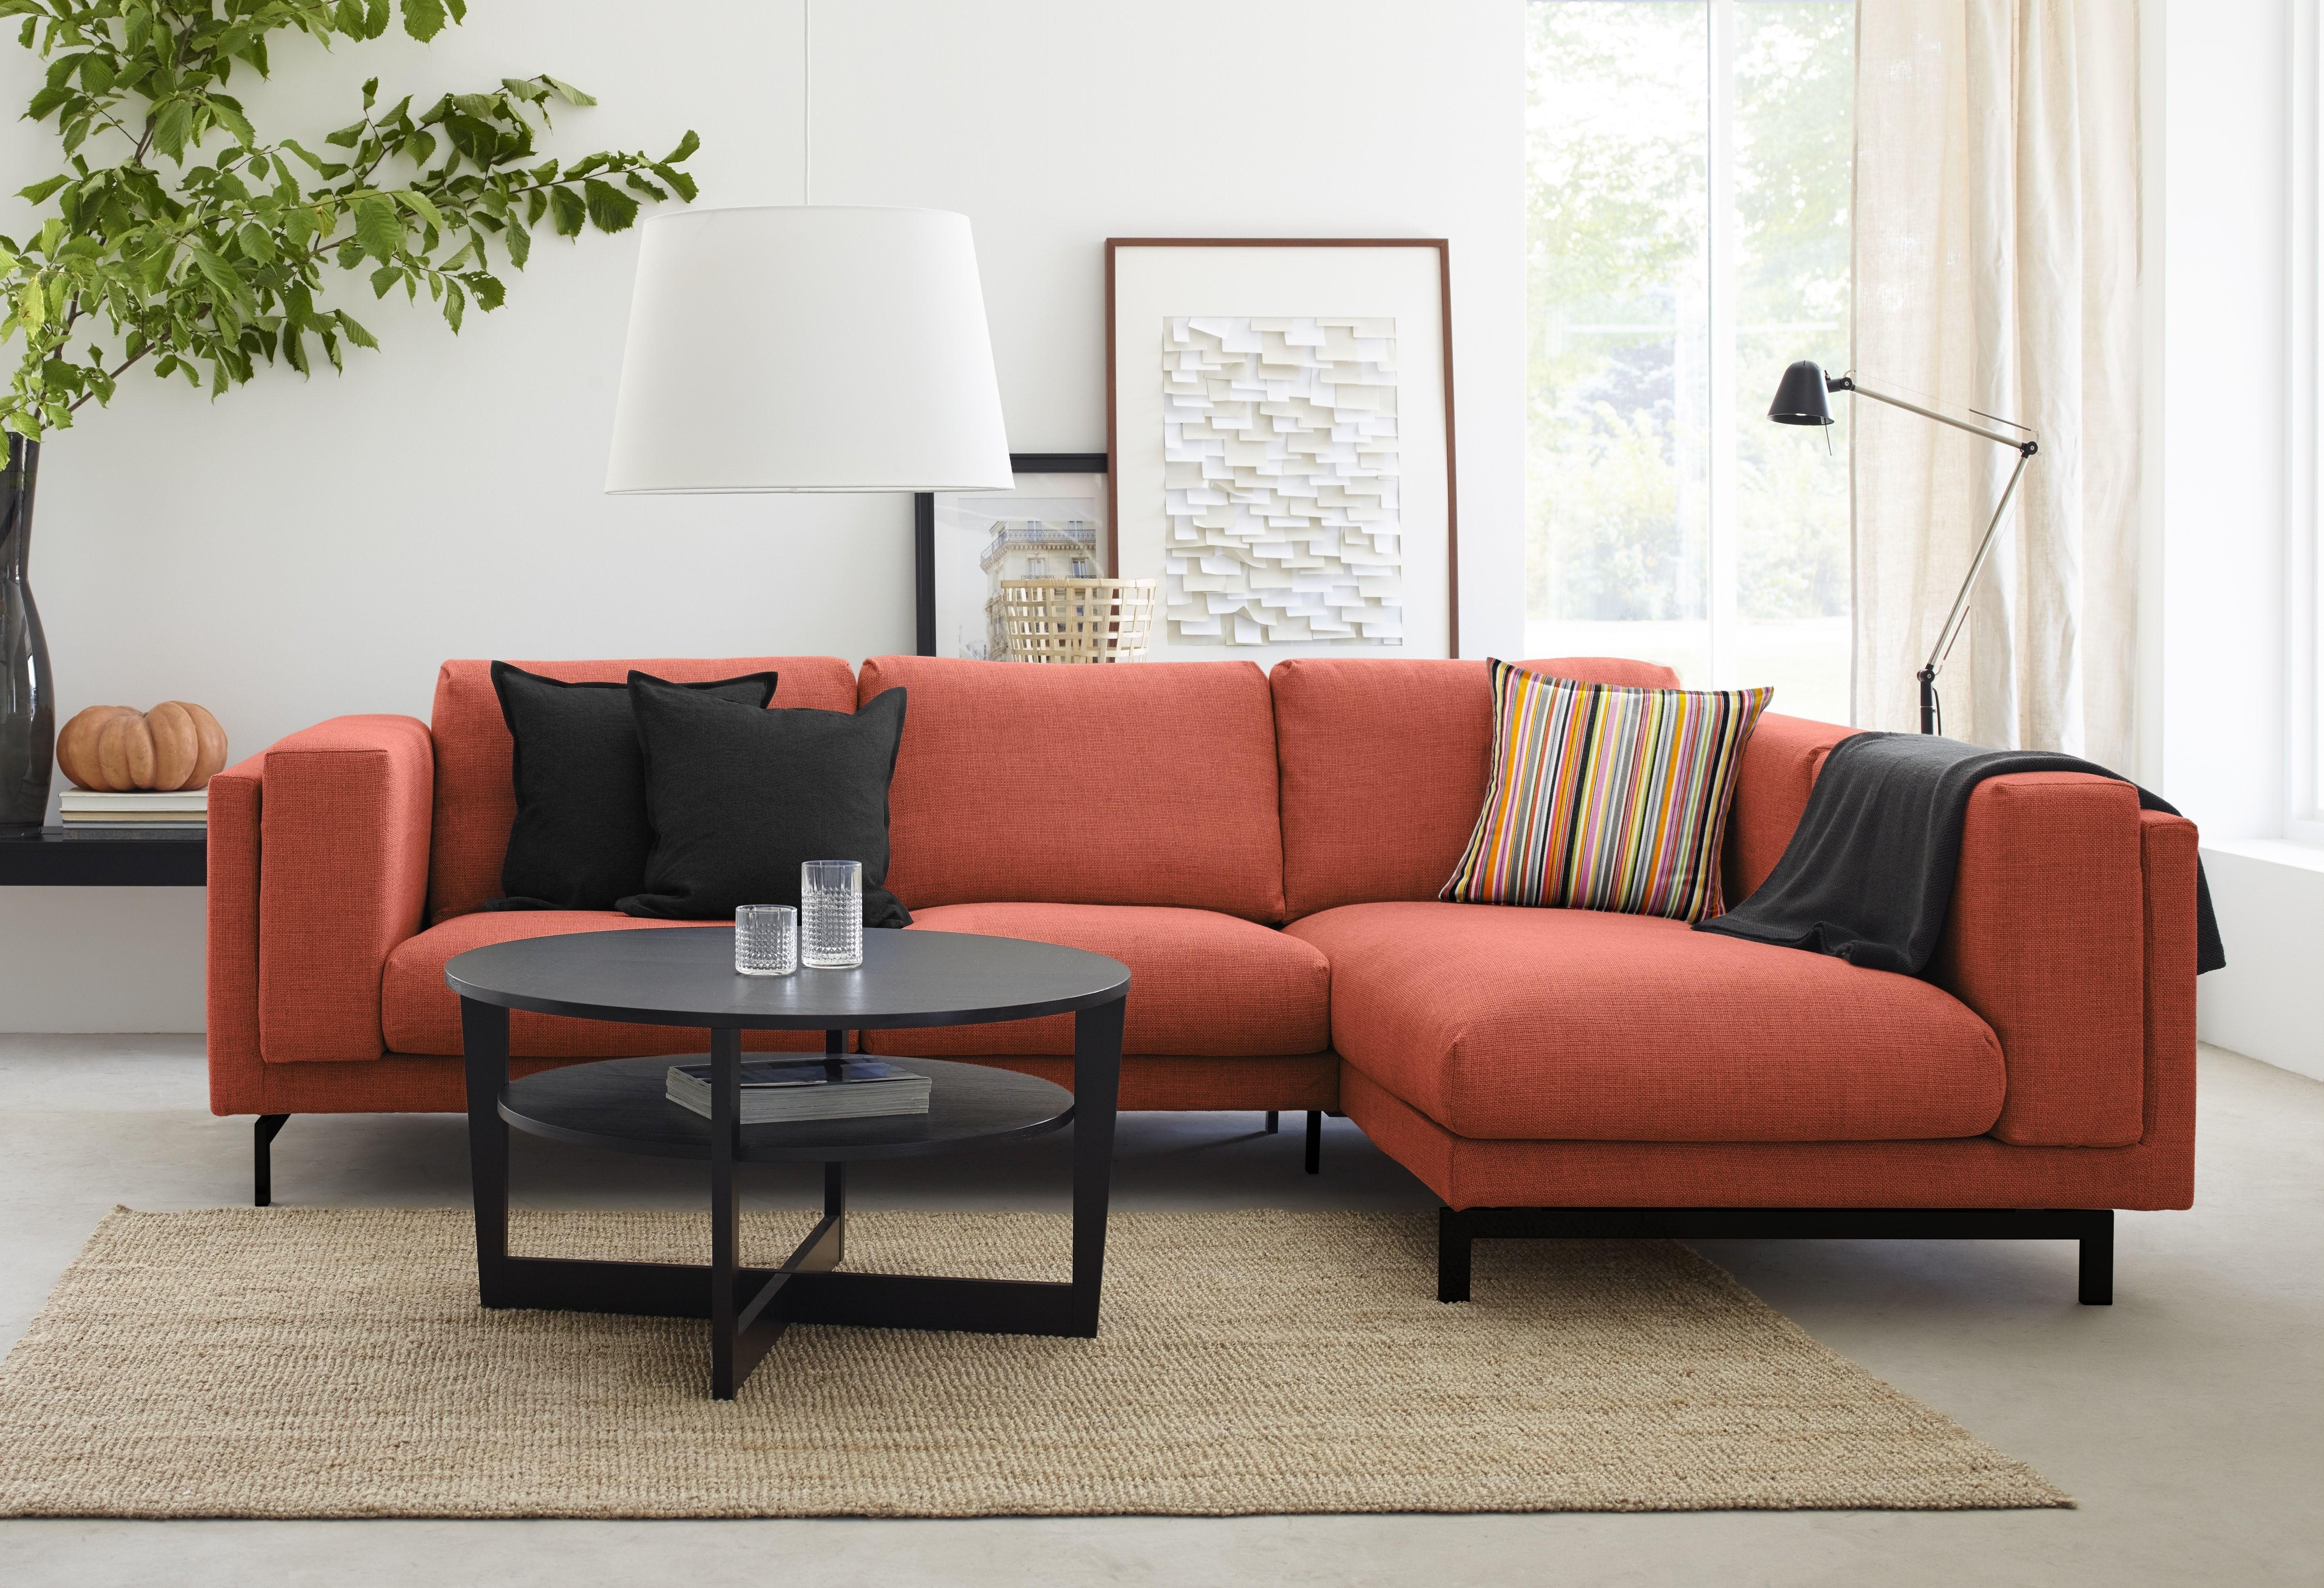 Ikea Canapé D Angle Convertible Meilleur De Images 35 Impressionnant Canape 2 Places Meri Nne